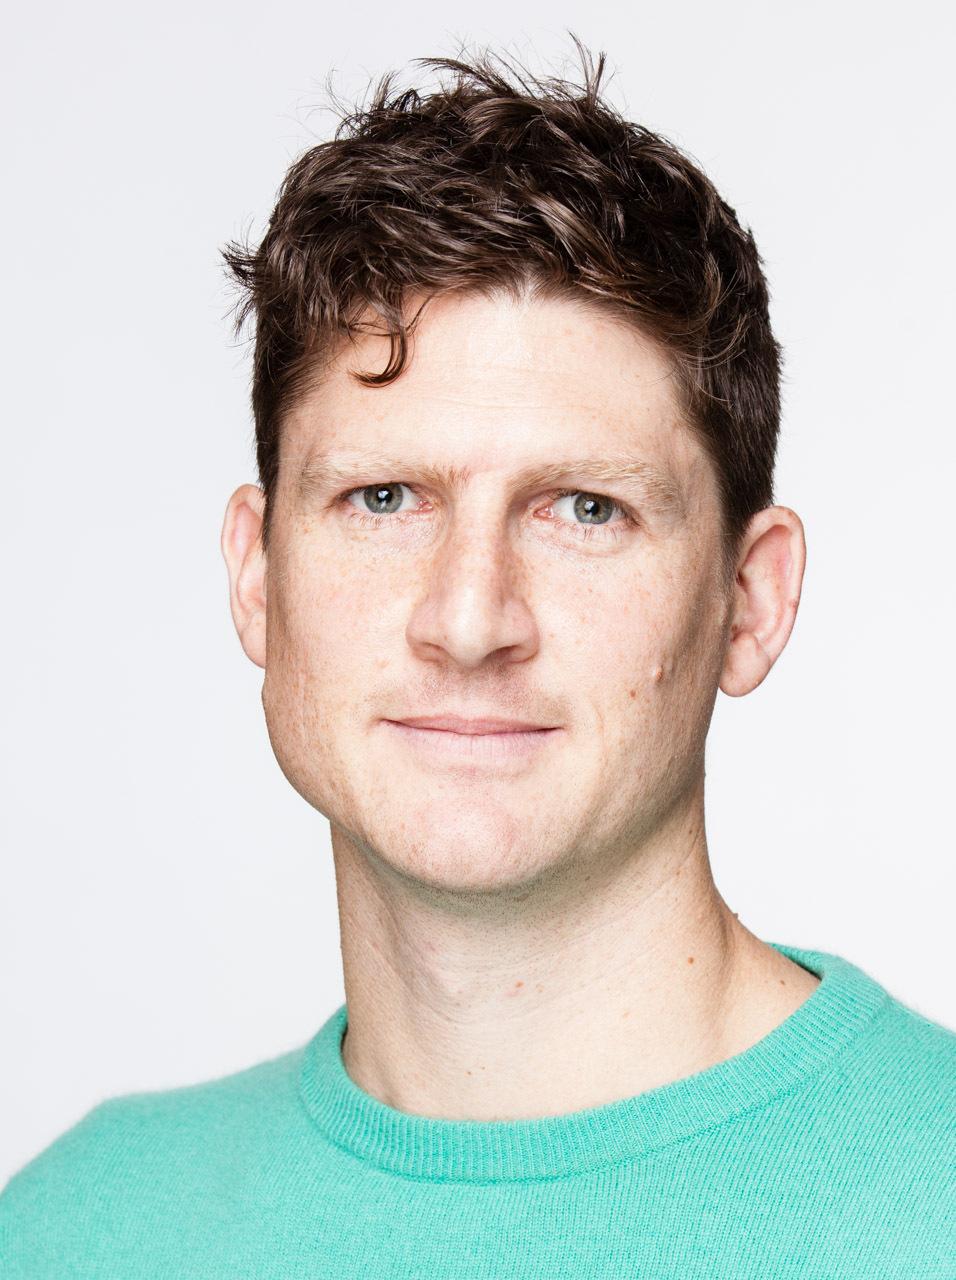 Profile picture of Eddie Paterson